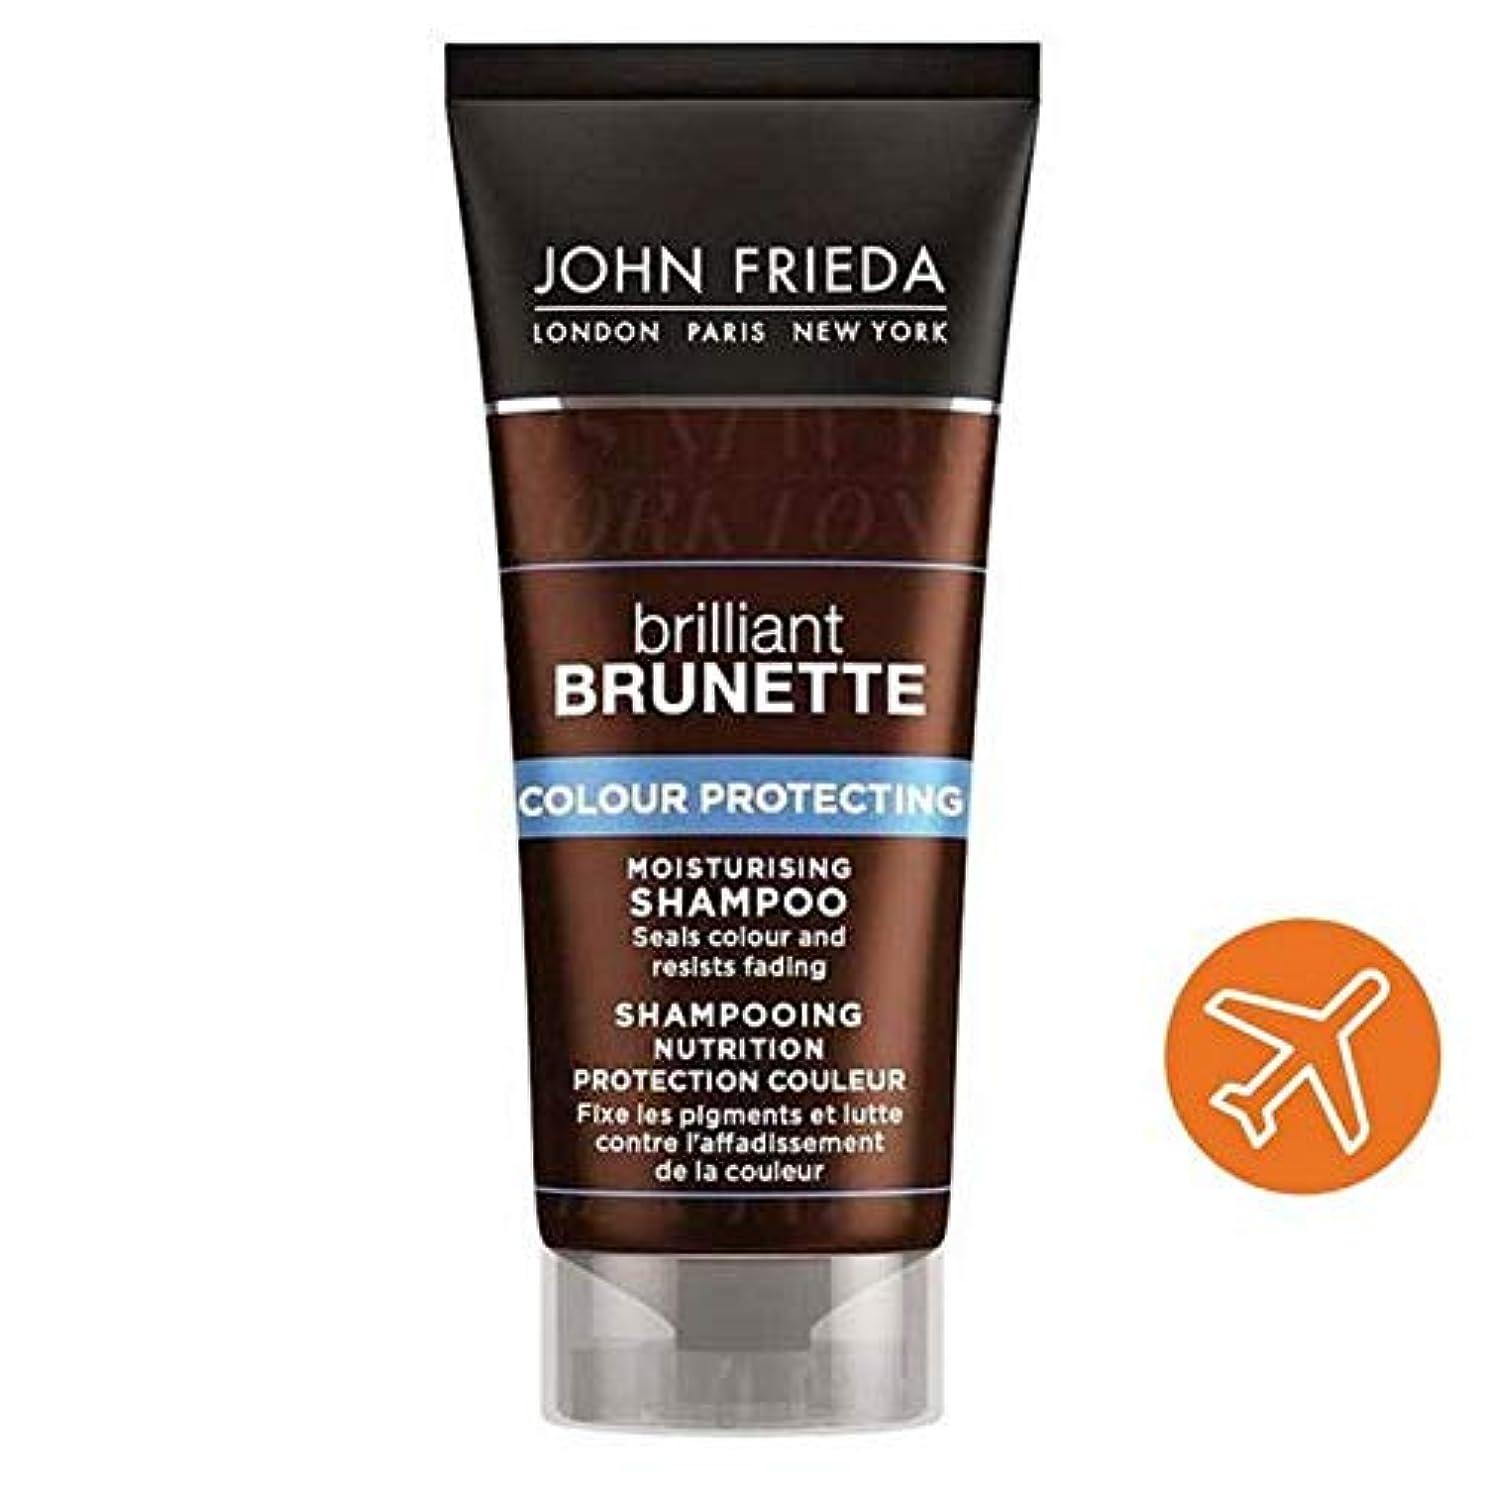 絶対のプランテーションプログレッシブ[John Frieda ] シャンプー50ミリリットルを明らかにジョン?フリーダ華麗なブルネットの豊富な輝きマルチトーン - John Frieda Brilliant Brunette Rich Radiance Multi-tone Revealing Shampoo 50ml [並行輸入品]